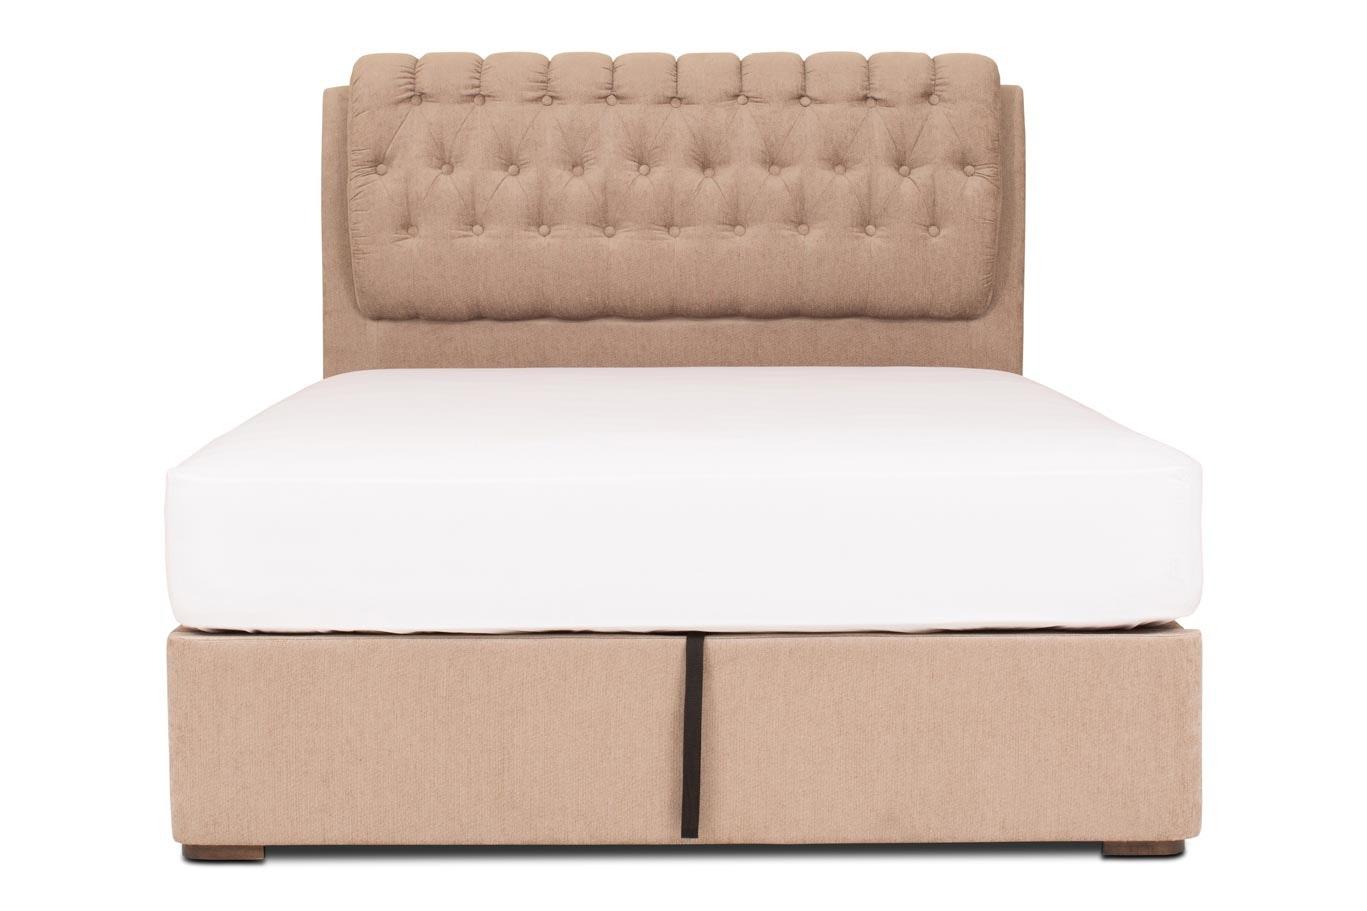 Duval Ottoman Bed with Regency Headboard | 5Ft | Mink